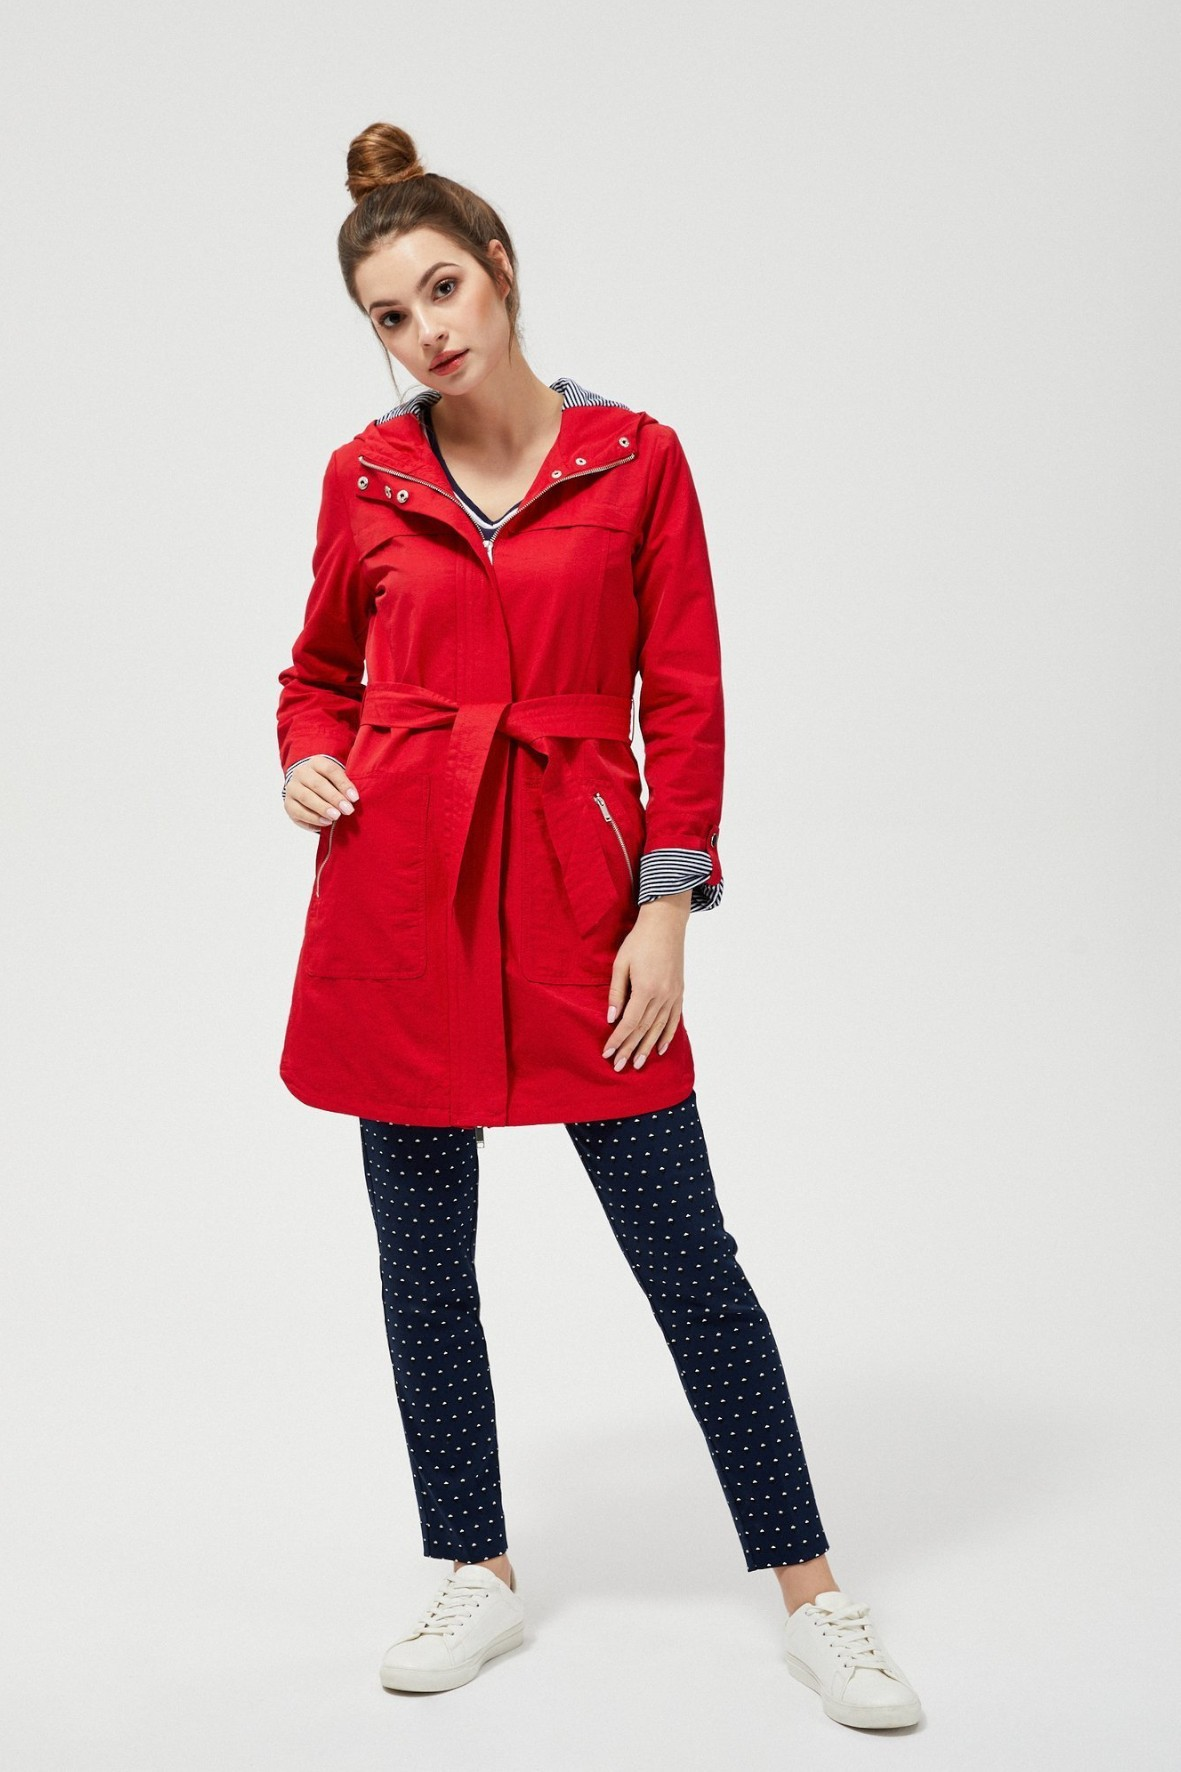 Wiosenna kurtka damska - czerwona